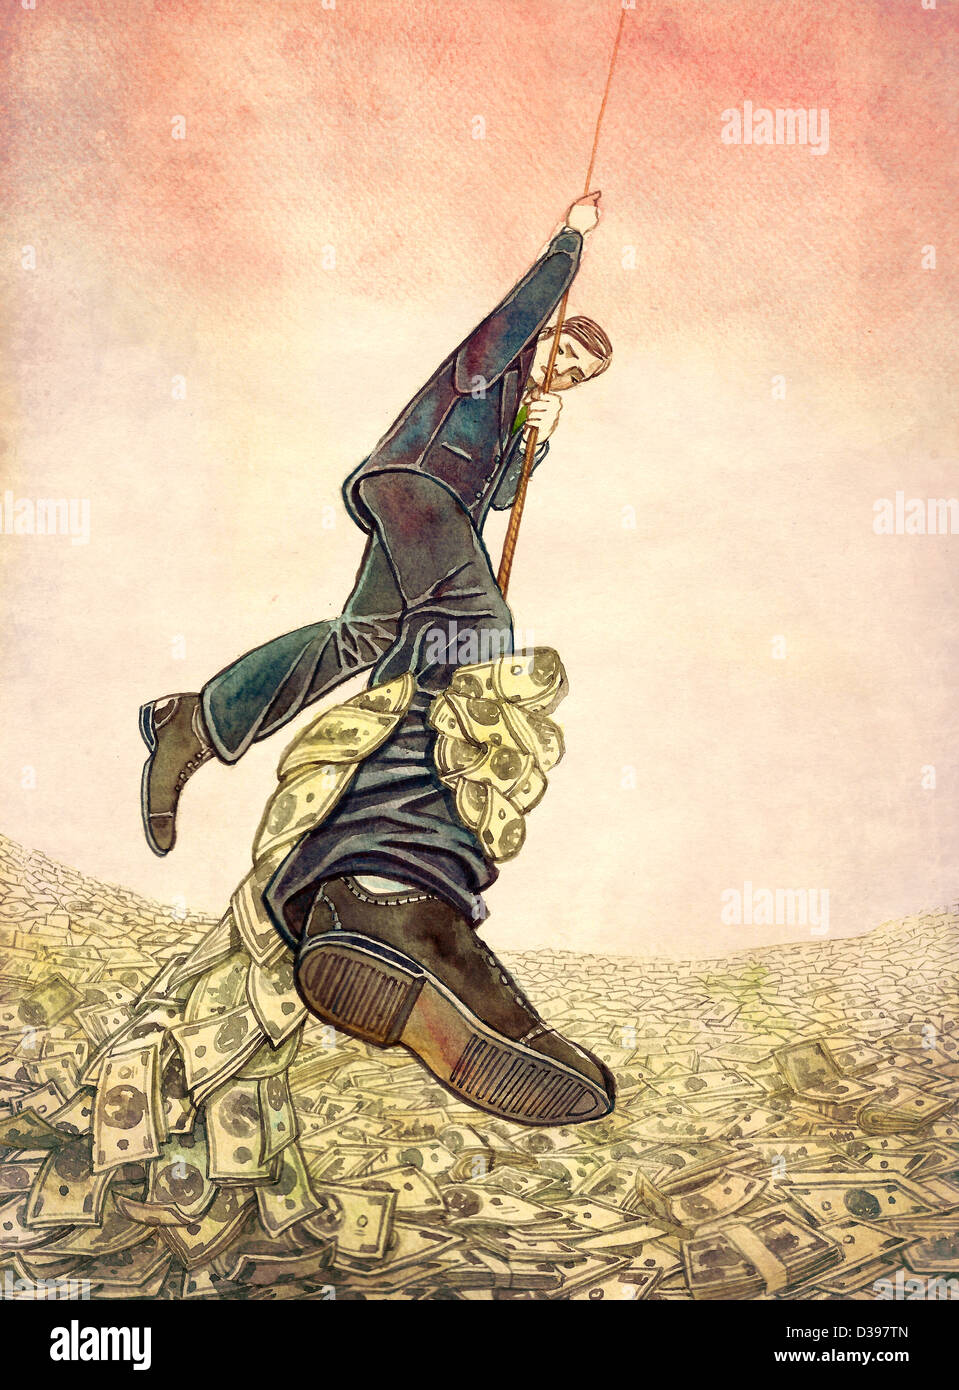 Empresario colgando de la cuerda mientras el dinero Mano agarrando de pierna representando el hombre resistir la Imagen De Stock